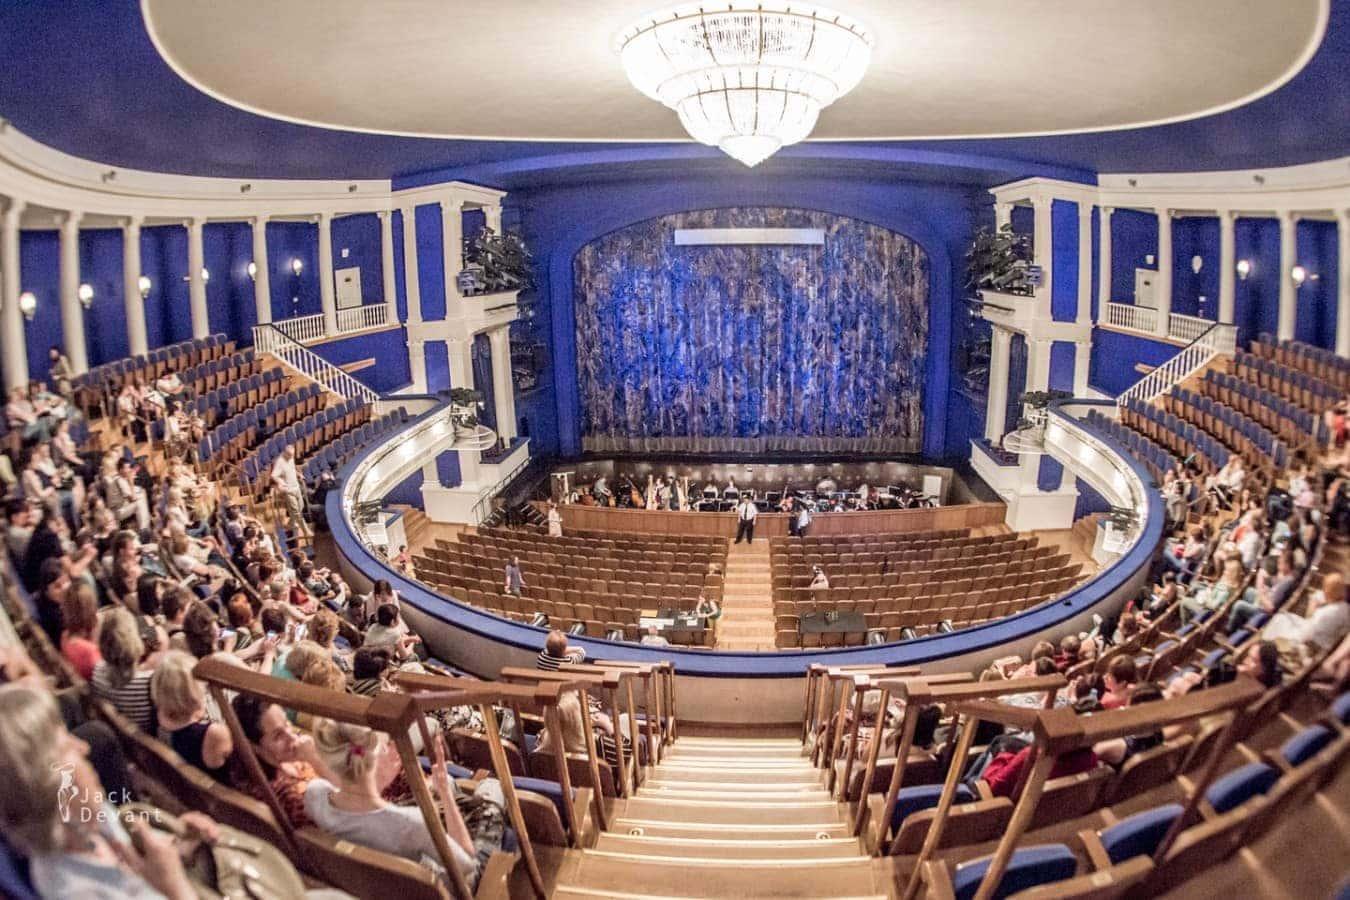 Музыкальный театр станиславского официальный сайт афиша галерея кино электросталь афиша и расписание